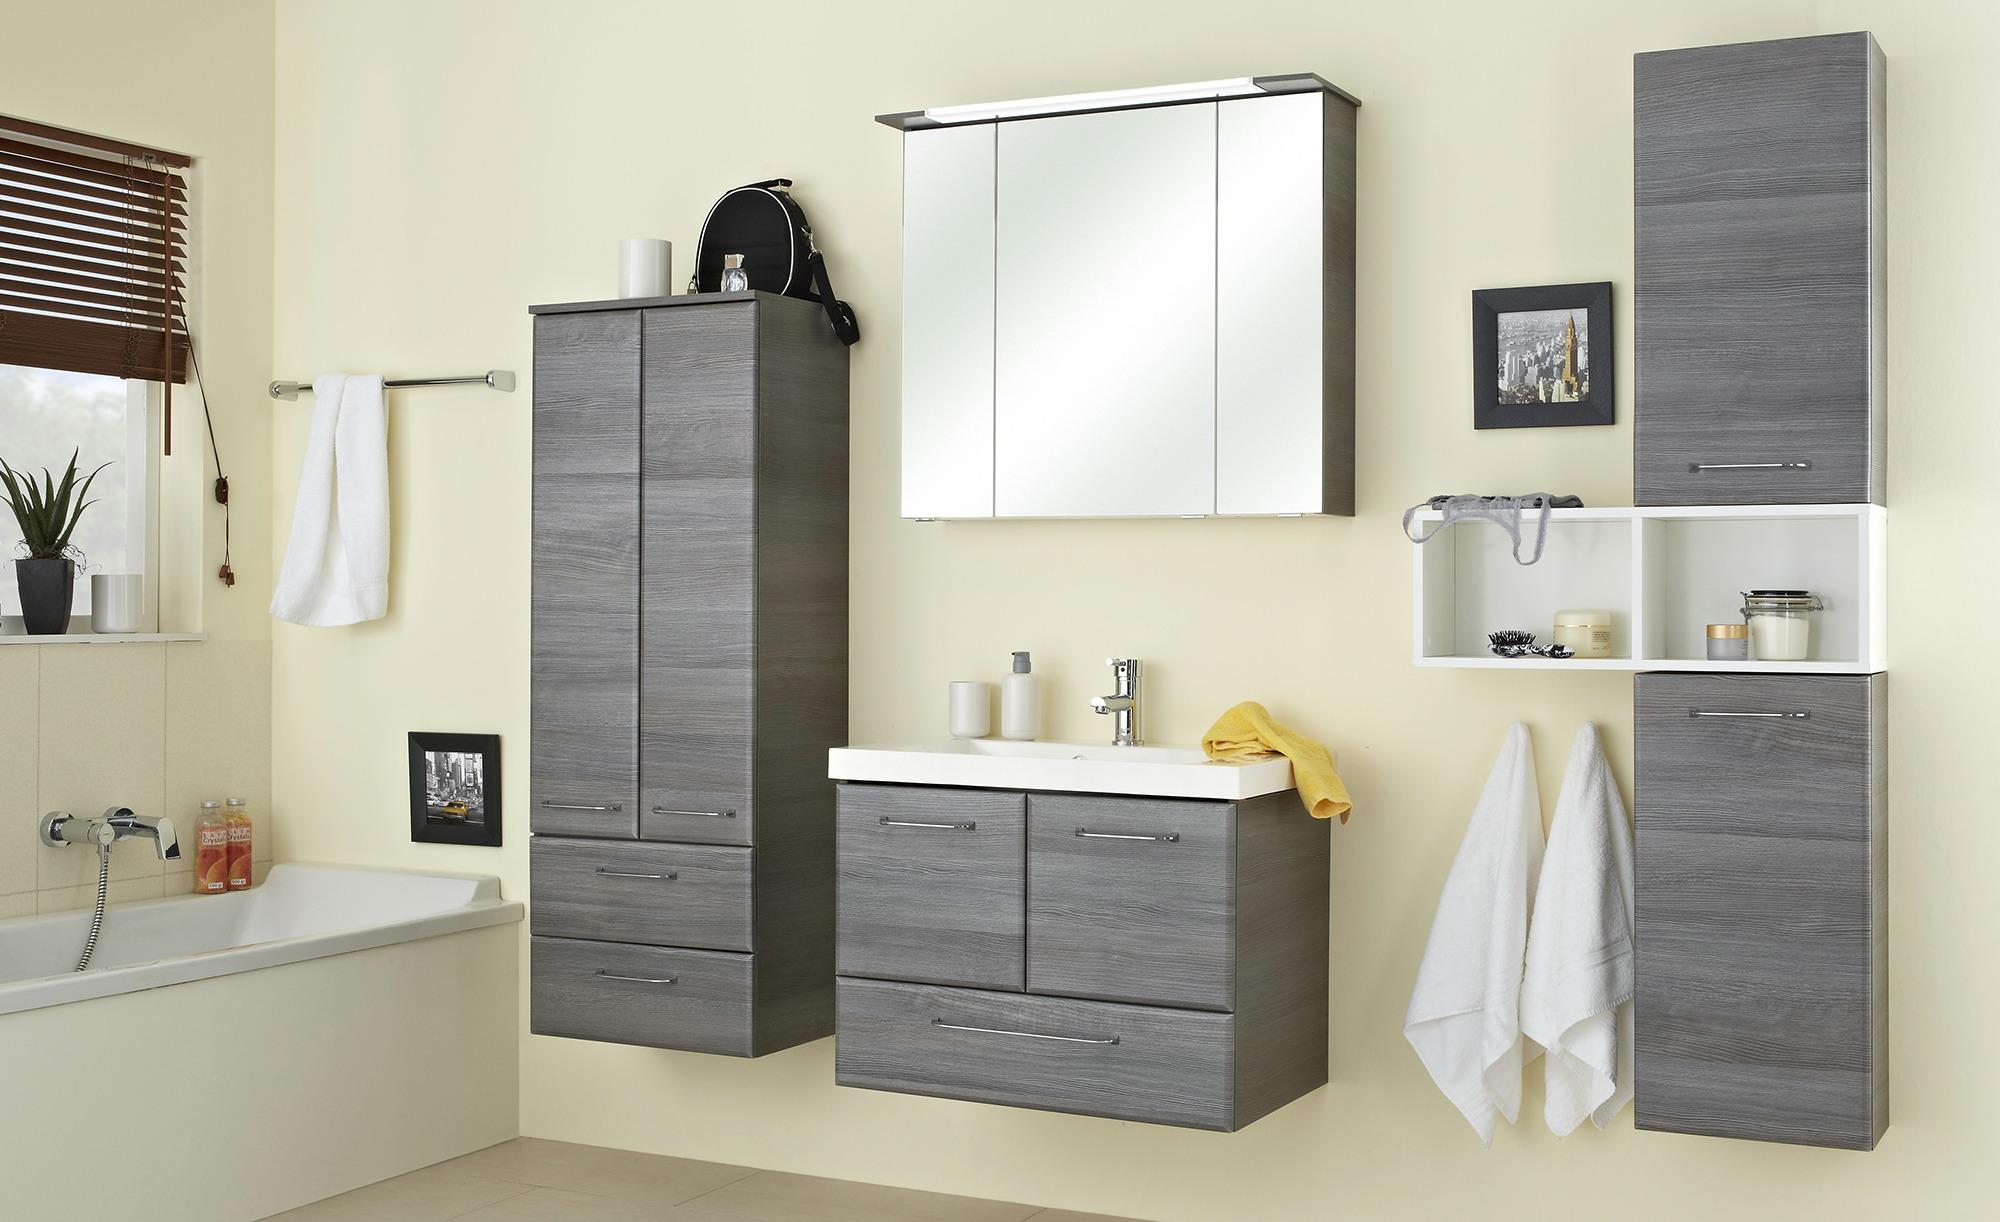 smart Waschtischunterschrank Onda, gefunden bei Möbel Höffner